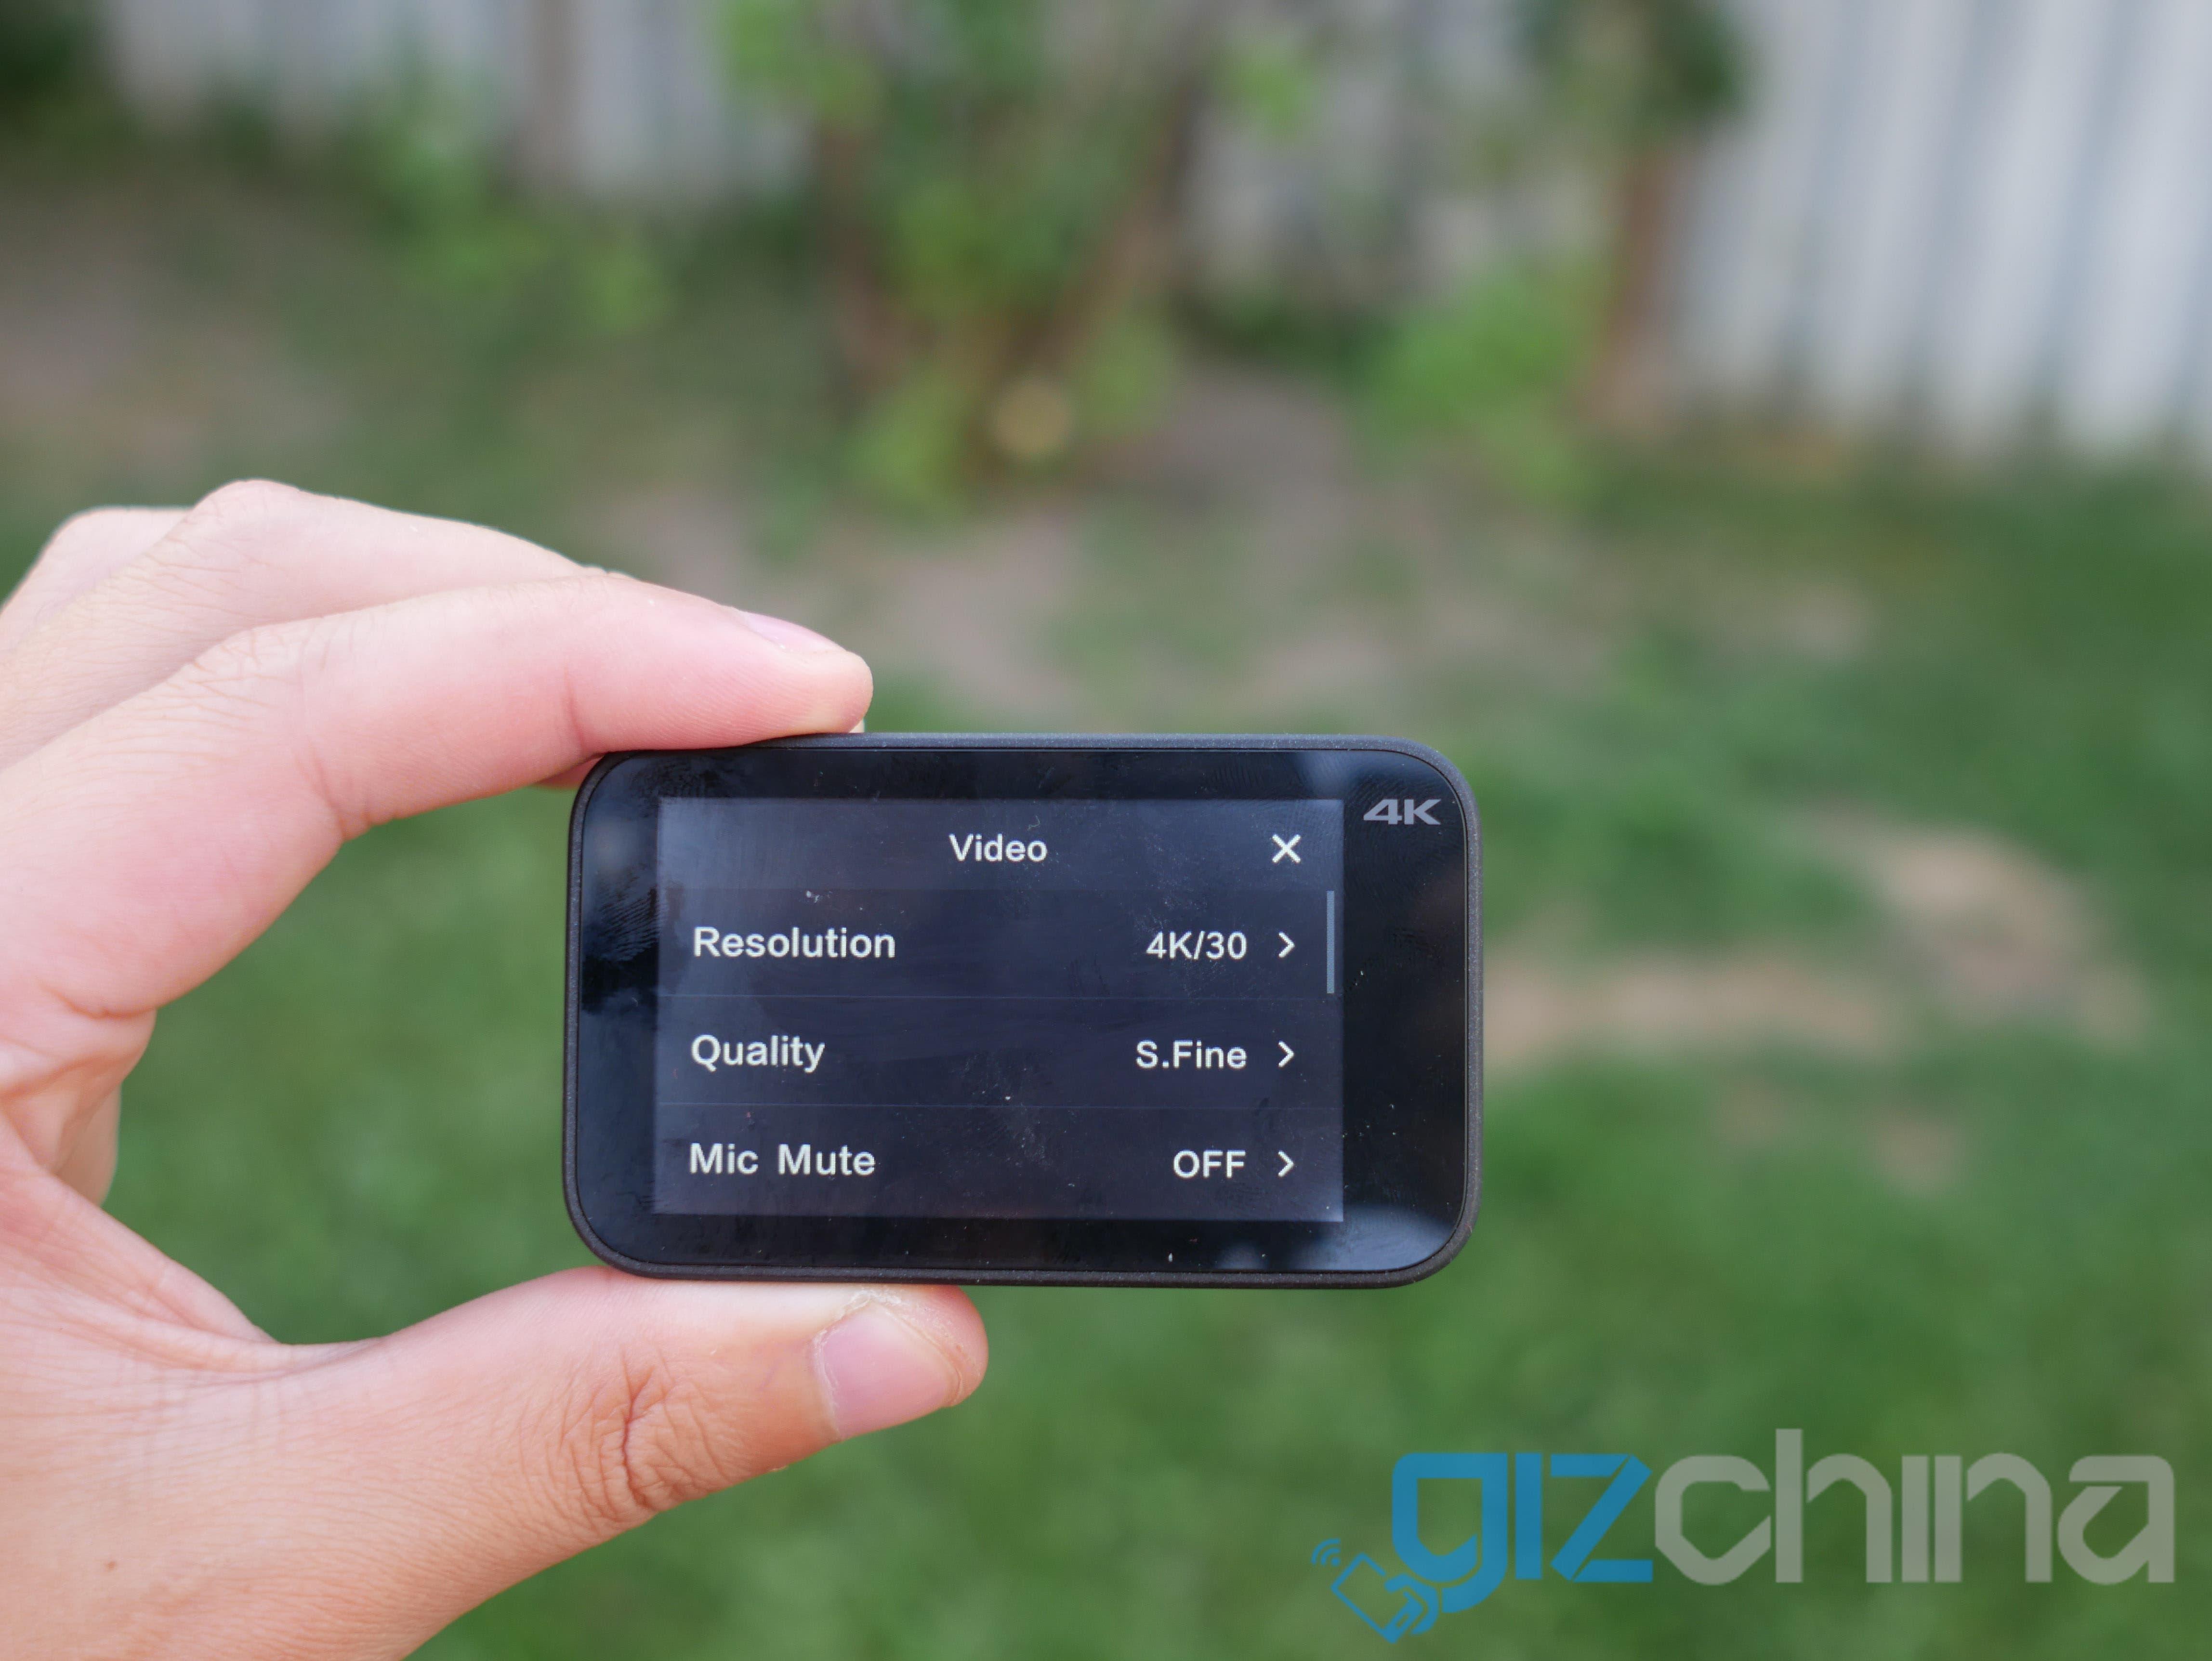 Xiaomi Mijia Action Camera Mini 4k Review Gizchina Com